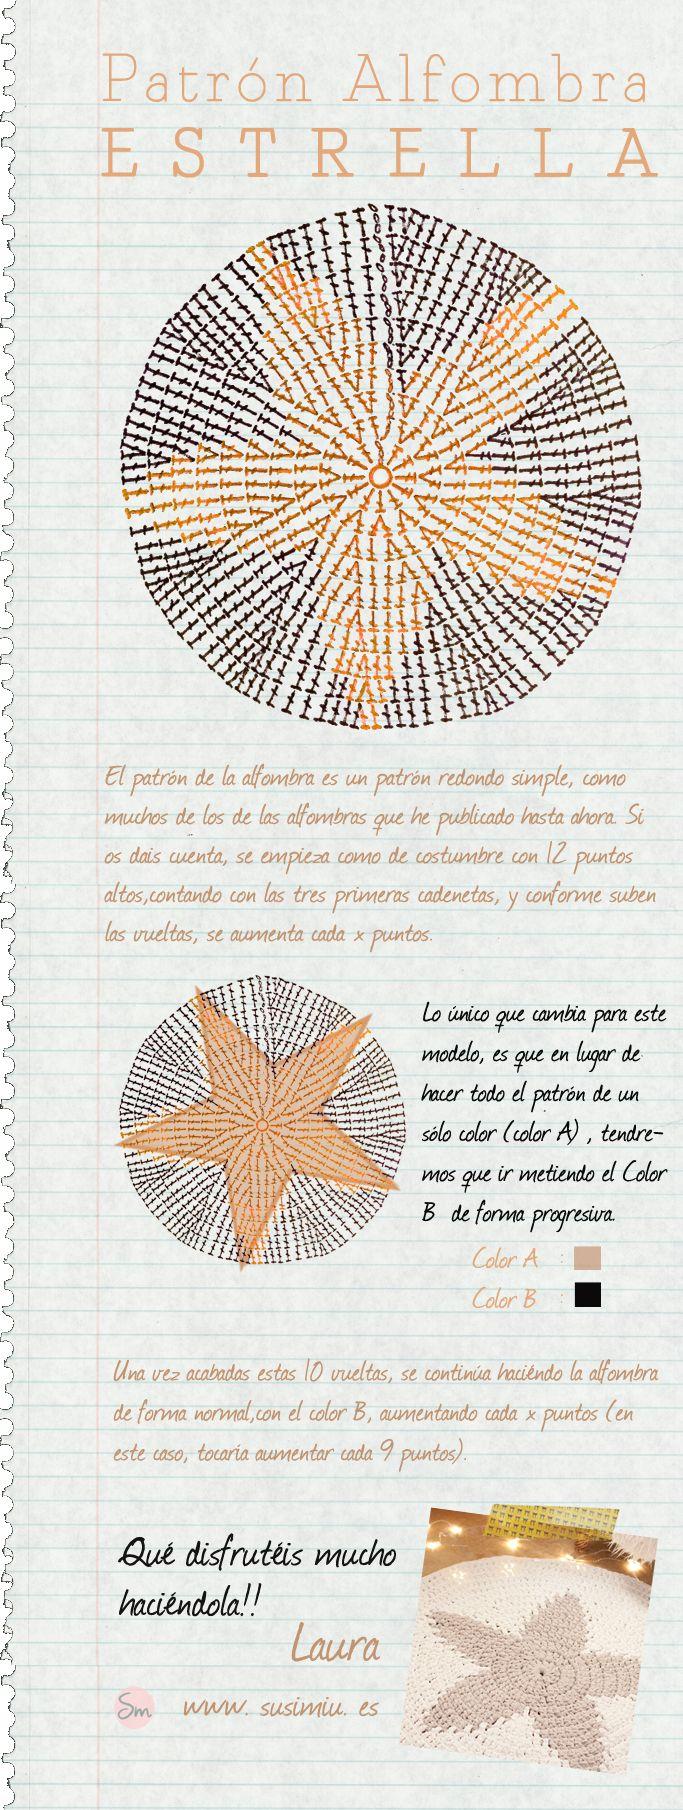 SusiMiu | Patrón de Alfombra redonda con Estrella en el centro ...